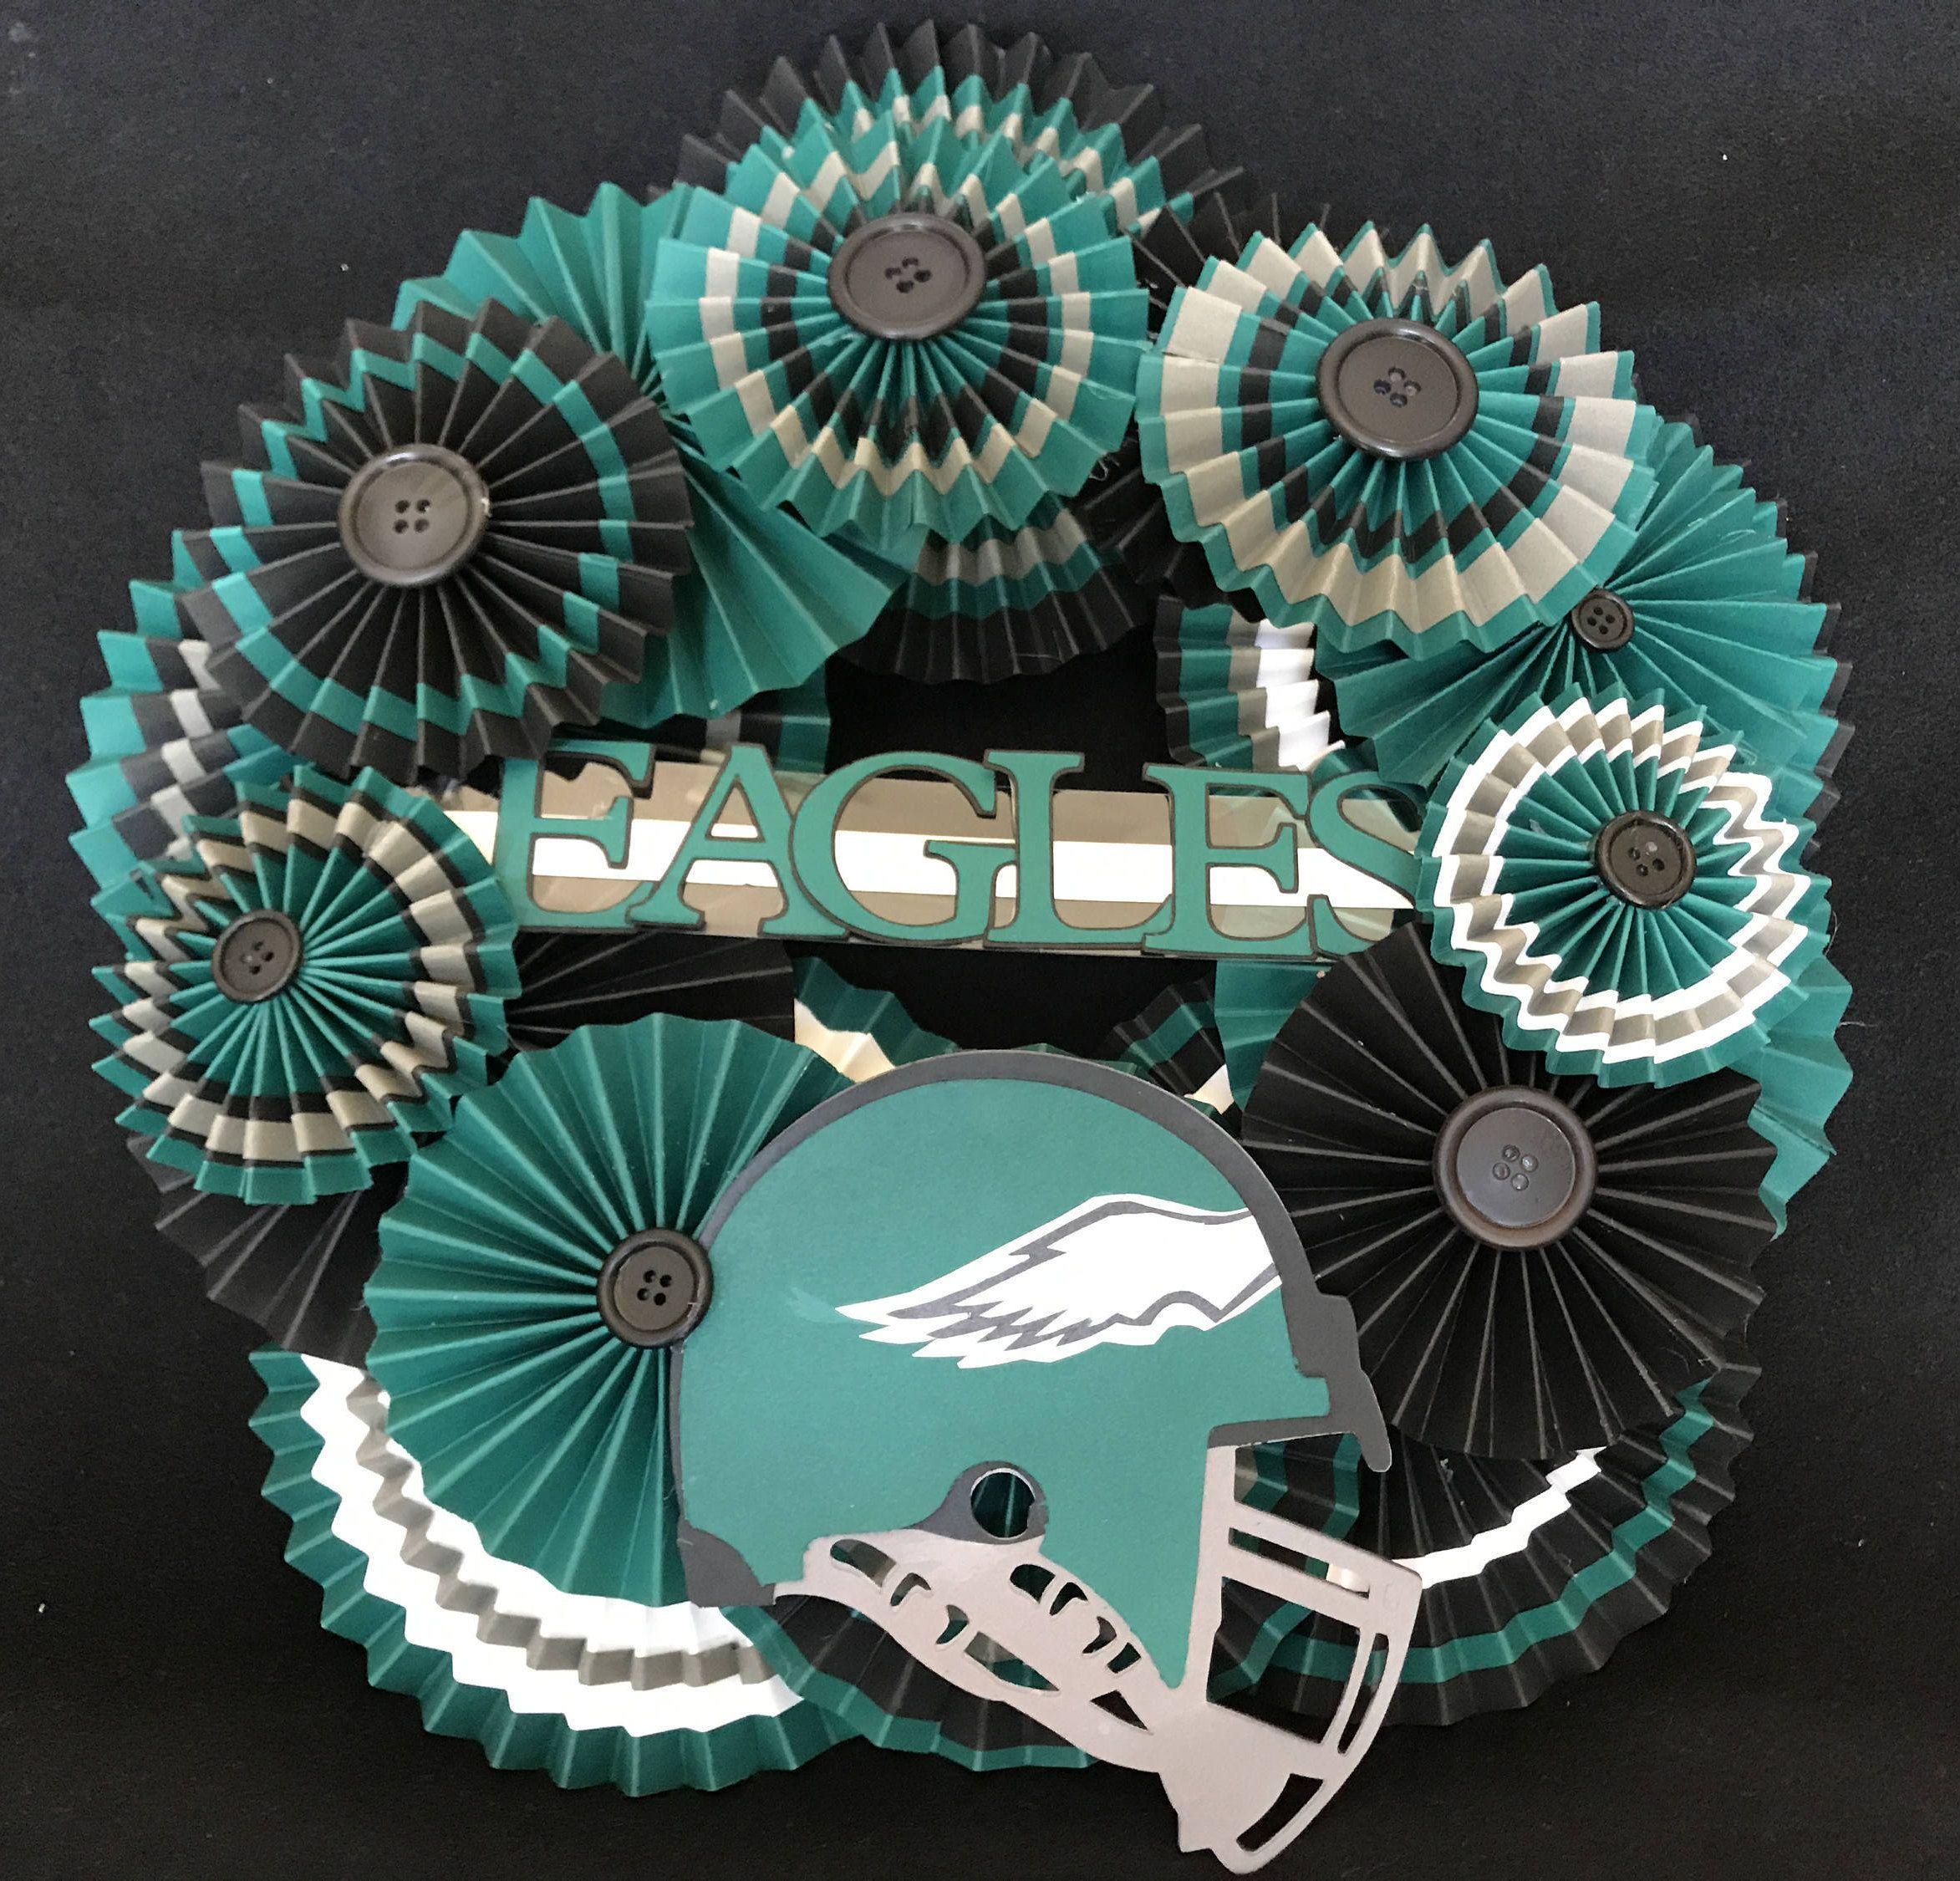 Philadelphia eagles paper rosette wreath | Pinterest